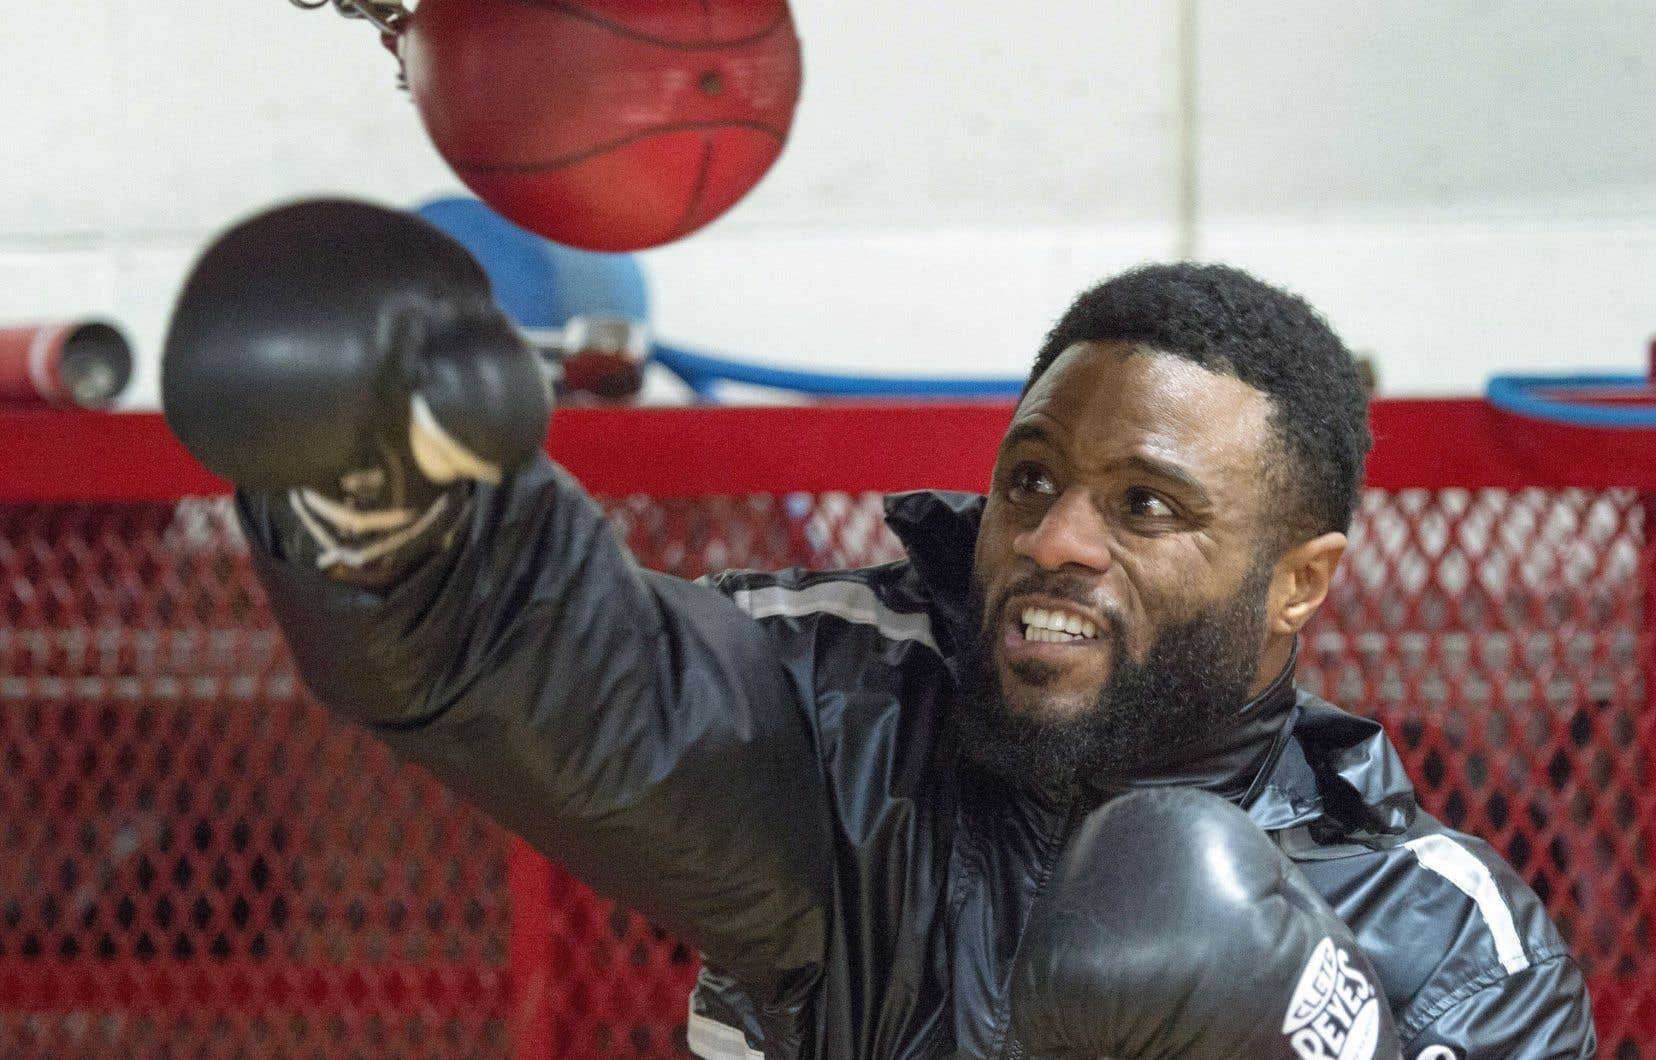 Jean Pascal met la dernière touche à sa préparation en vue de son combat contre Ahmed Elbiali prévu vendredi à Miami.